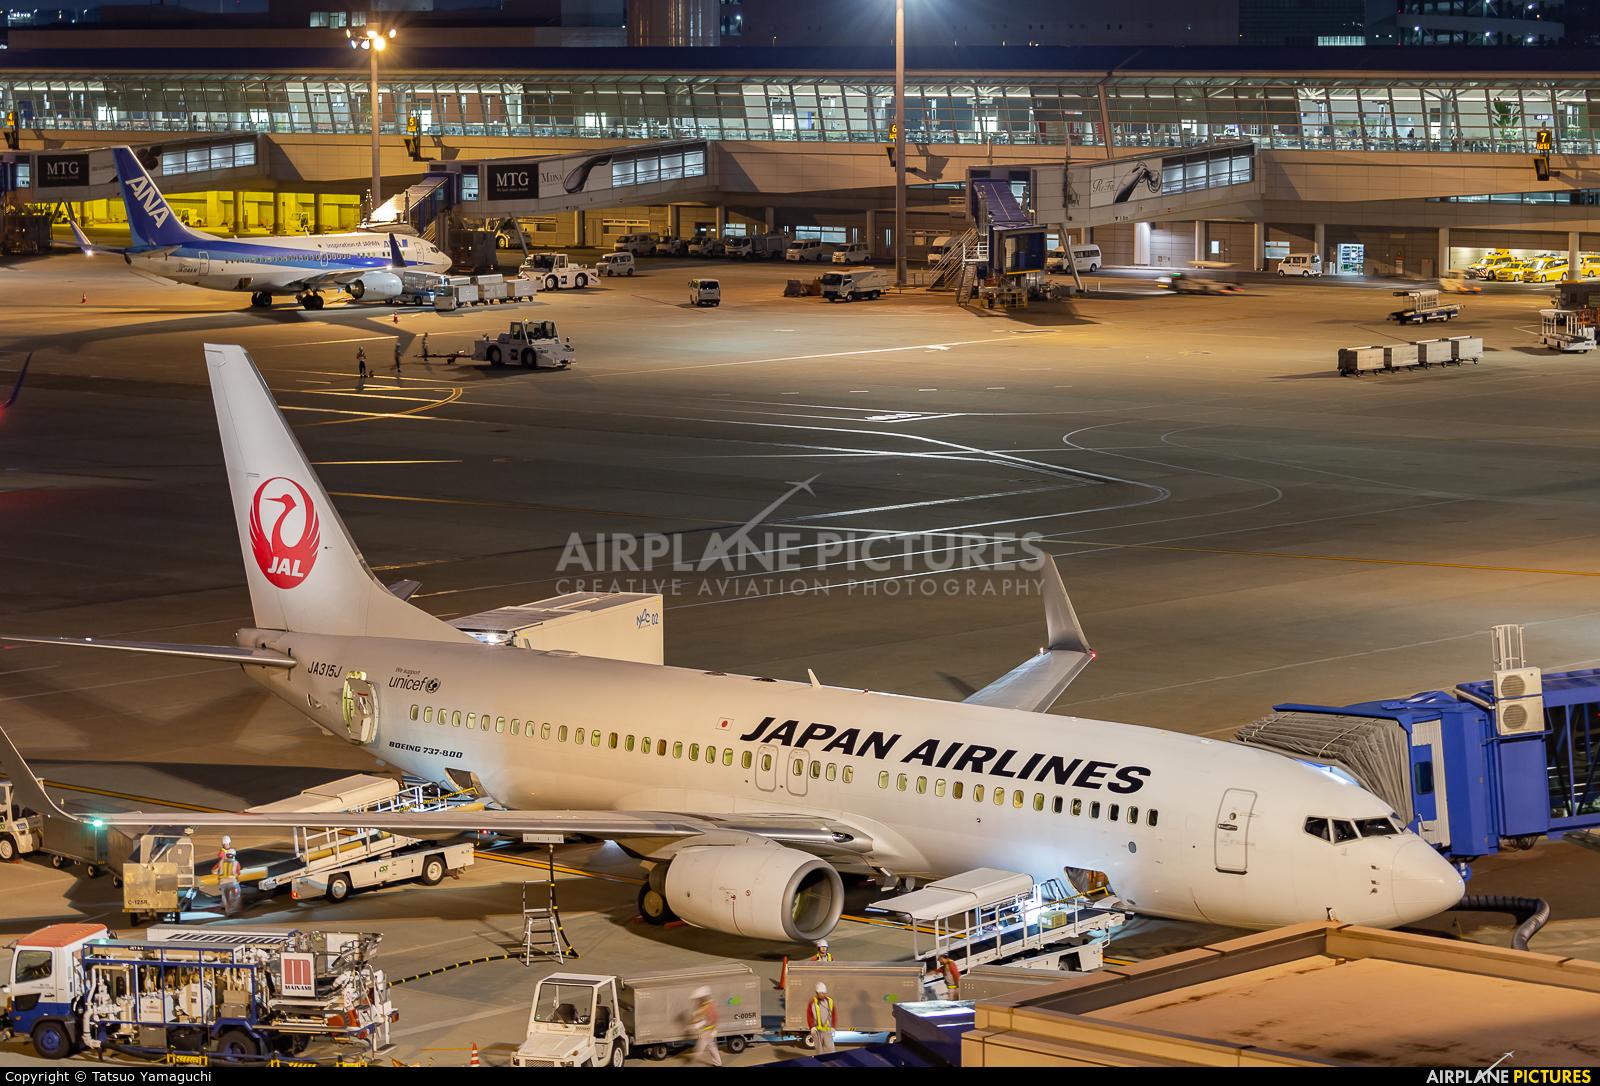 JAL - Japan Airlines JA315J aircraft at Chubu Centrair Intl